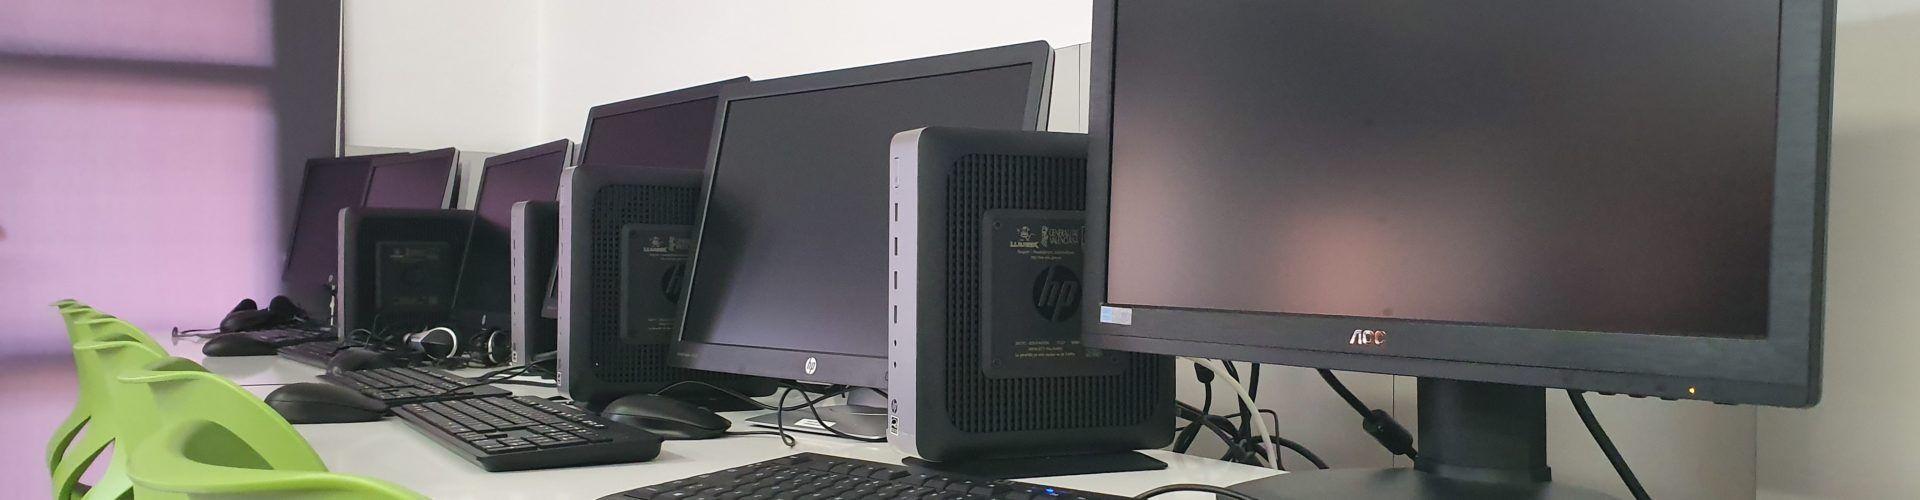 La Generalitat mejora el acceso a Internet en todos los centros educativos públicos de la Comunitat